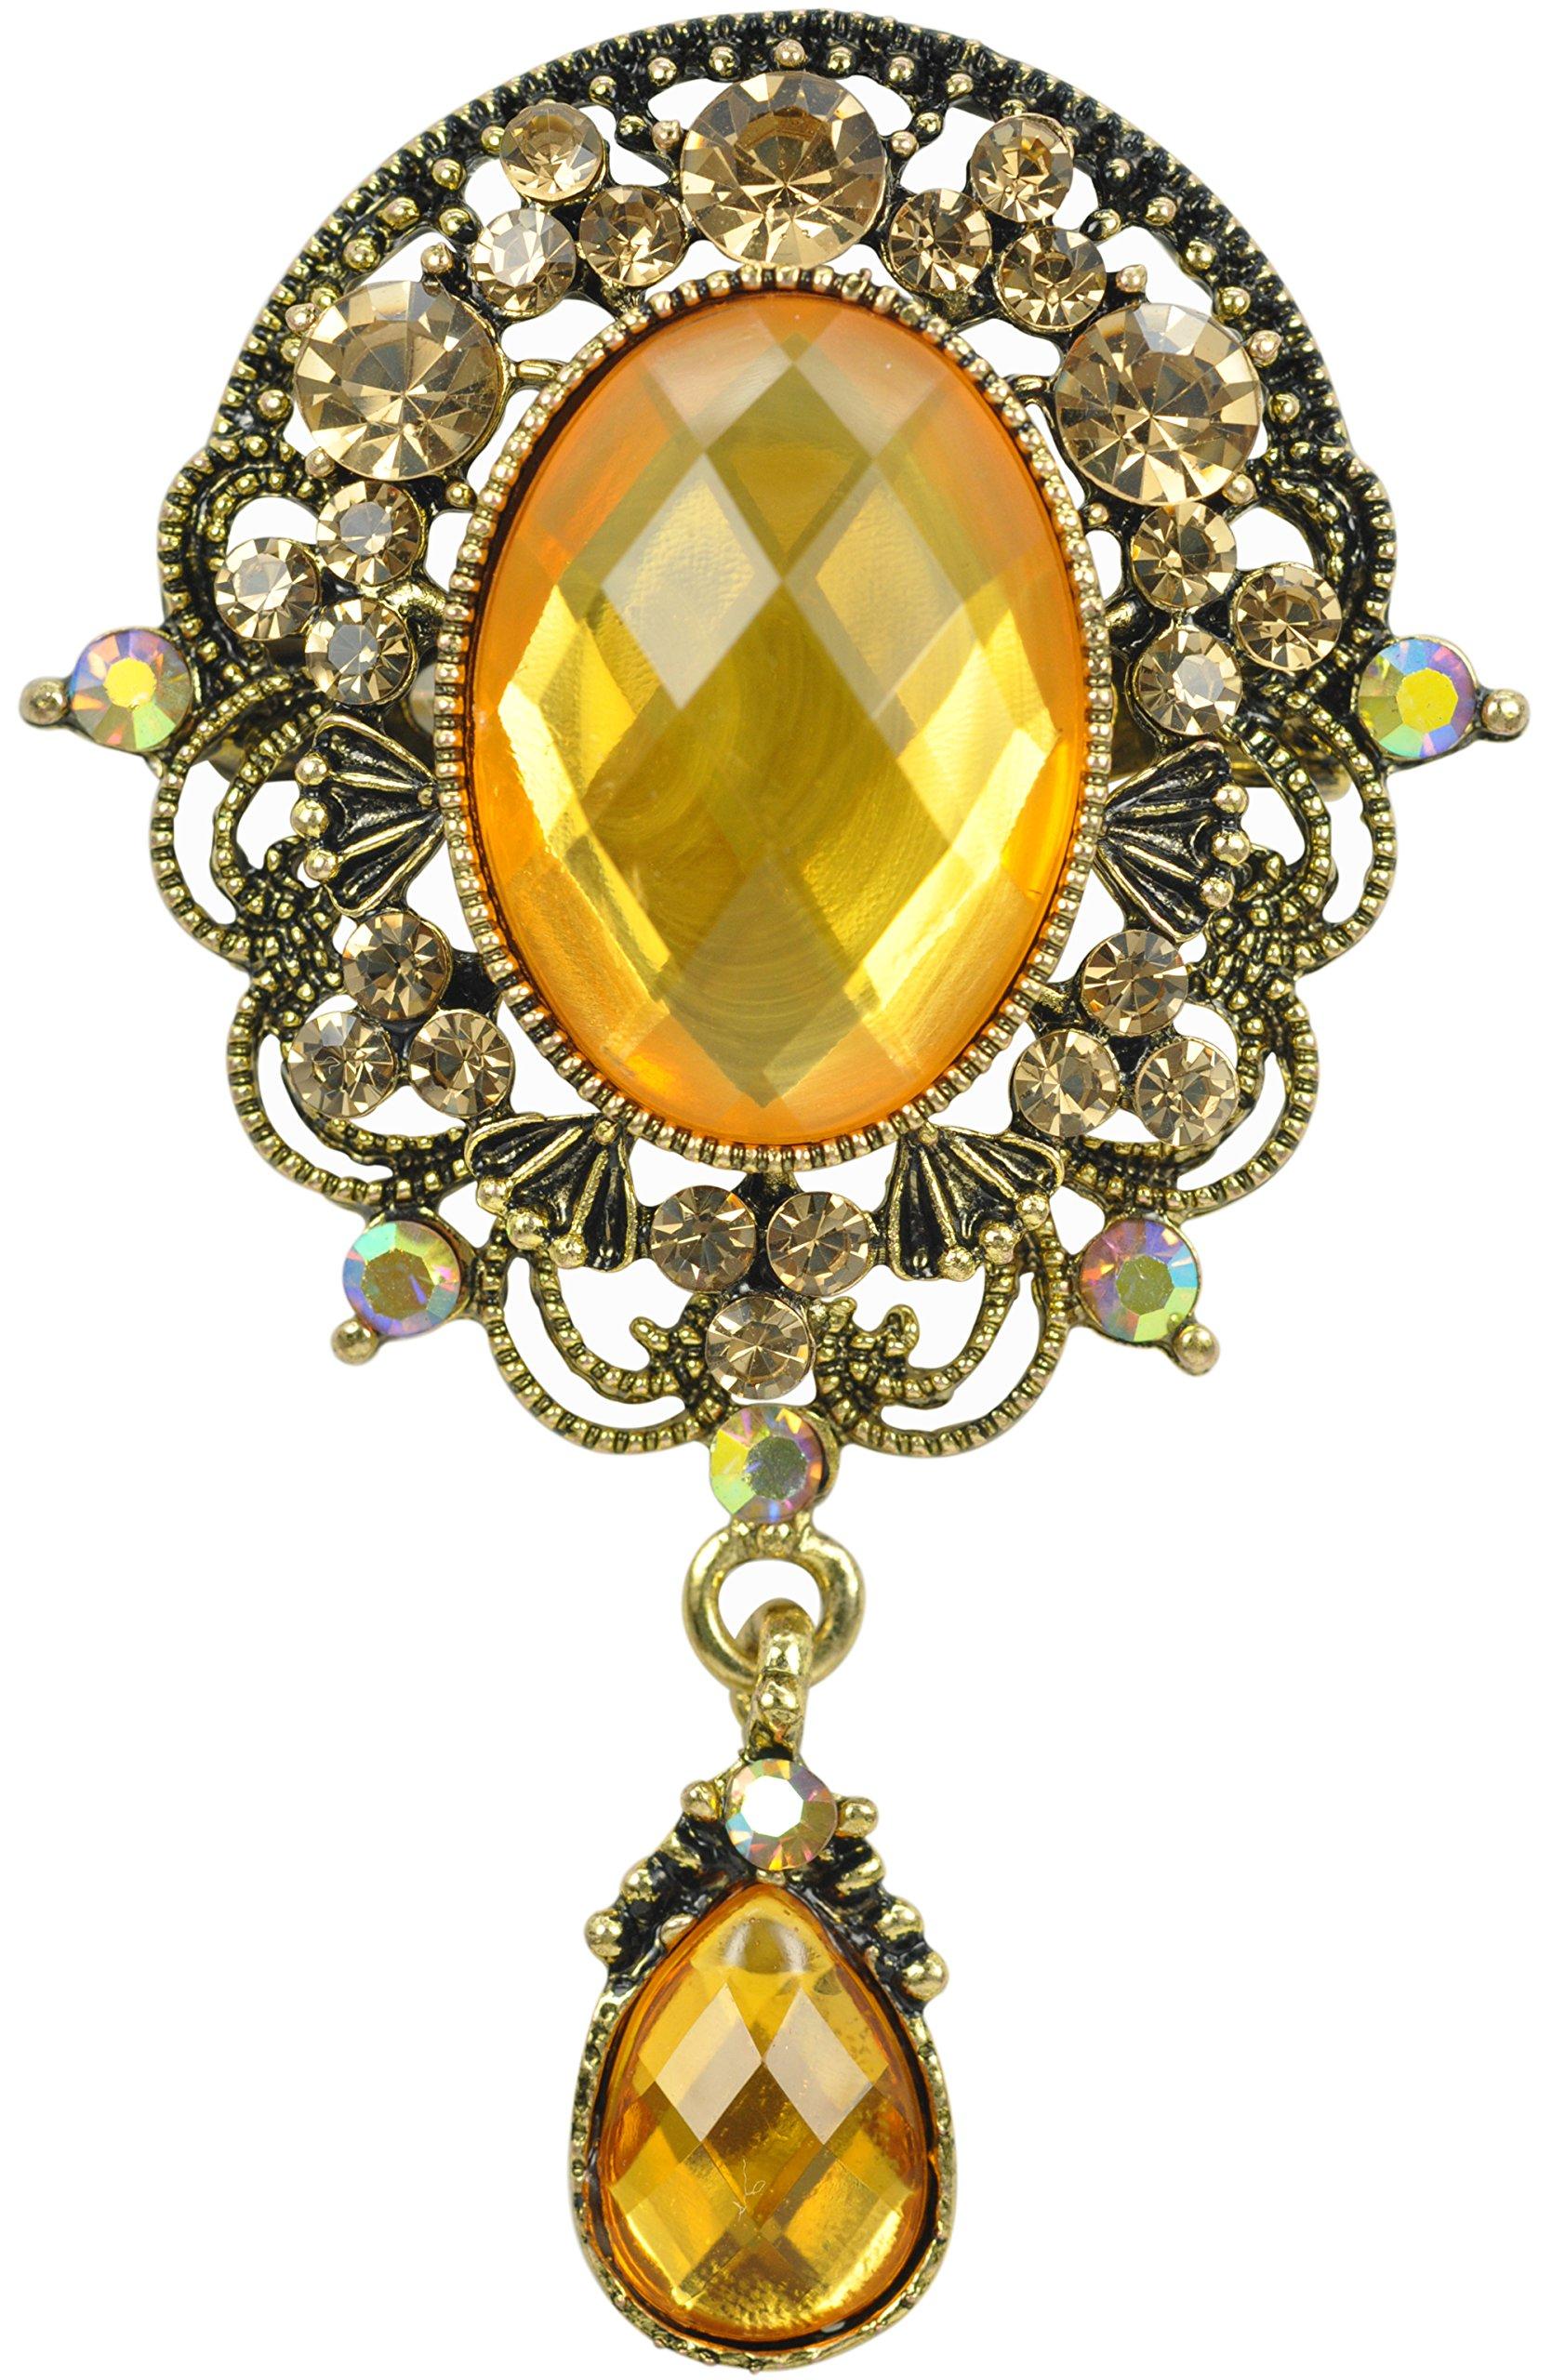 Gyn&Joy Women's Crystal Gold-Tone Vintage Style Teardrop Brooch Pin BZ038